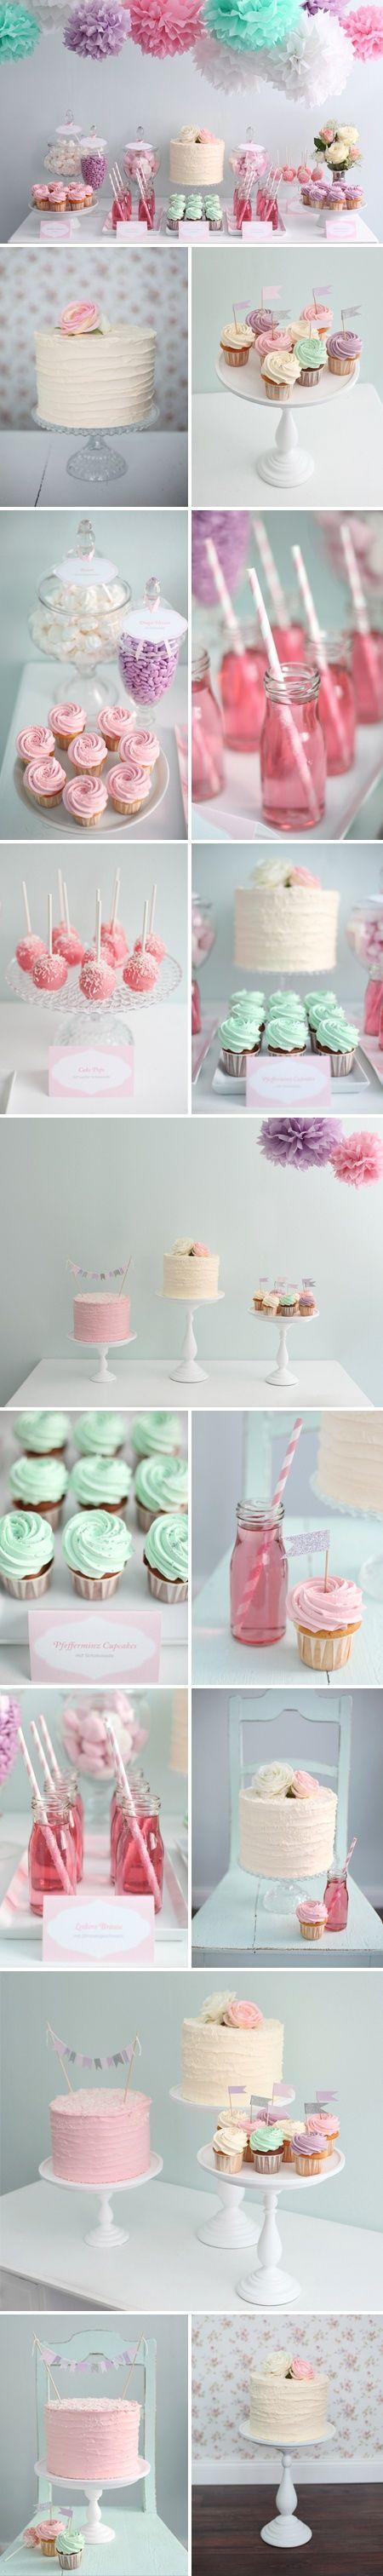 Mesa de postres en tonos pastel. Bautizo.